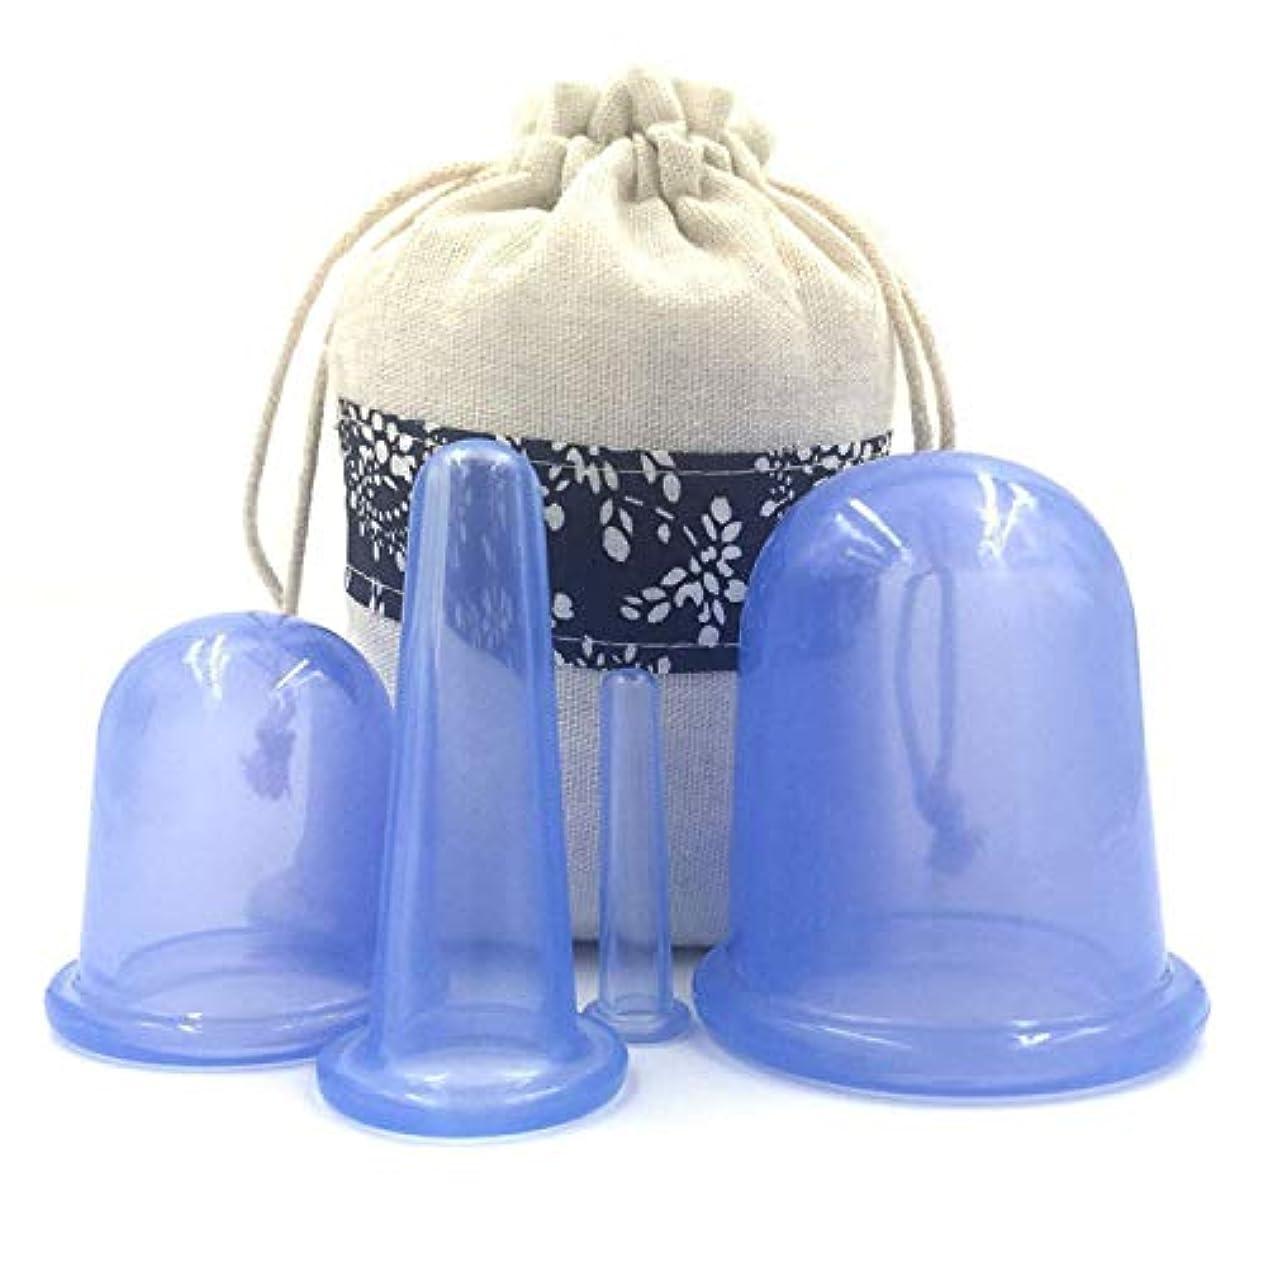 受け取るエステート少年セルライトカッピング療法シリコーンカッピングセット家庭用水分カッピングカッピングマッサージカップ